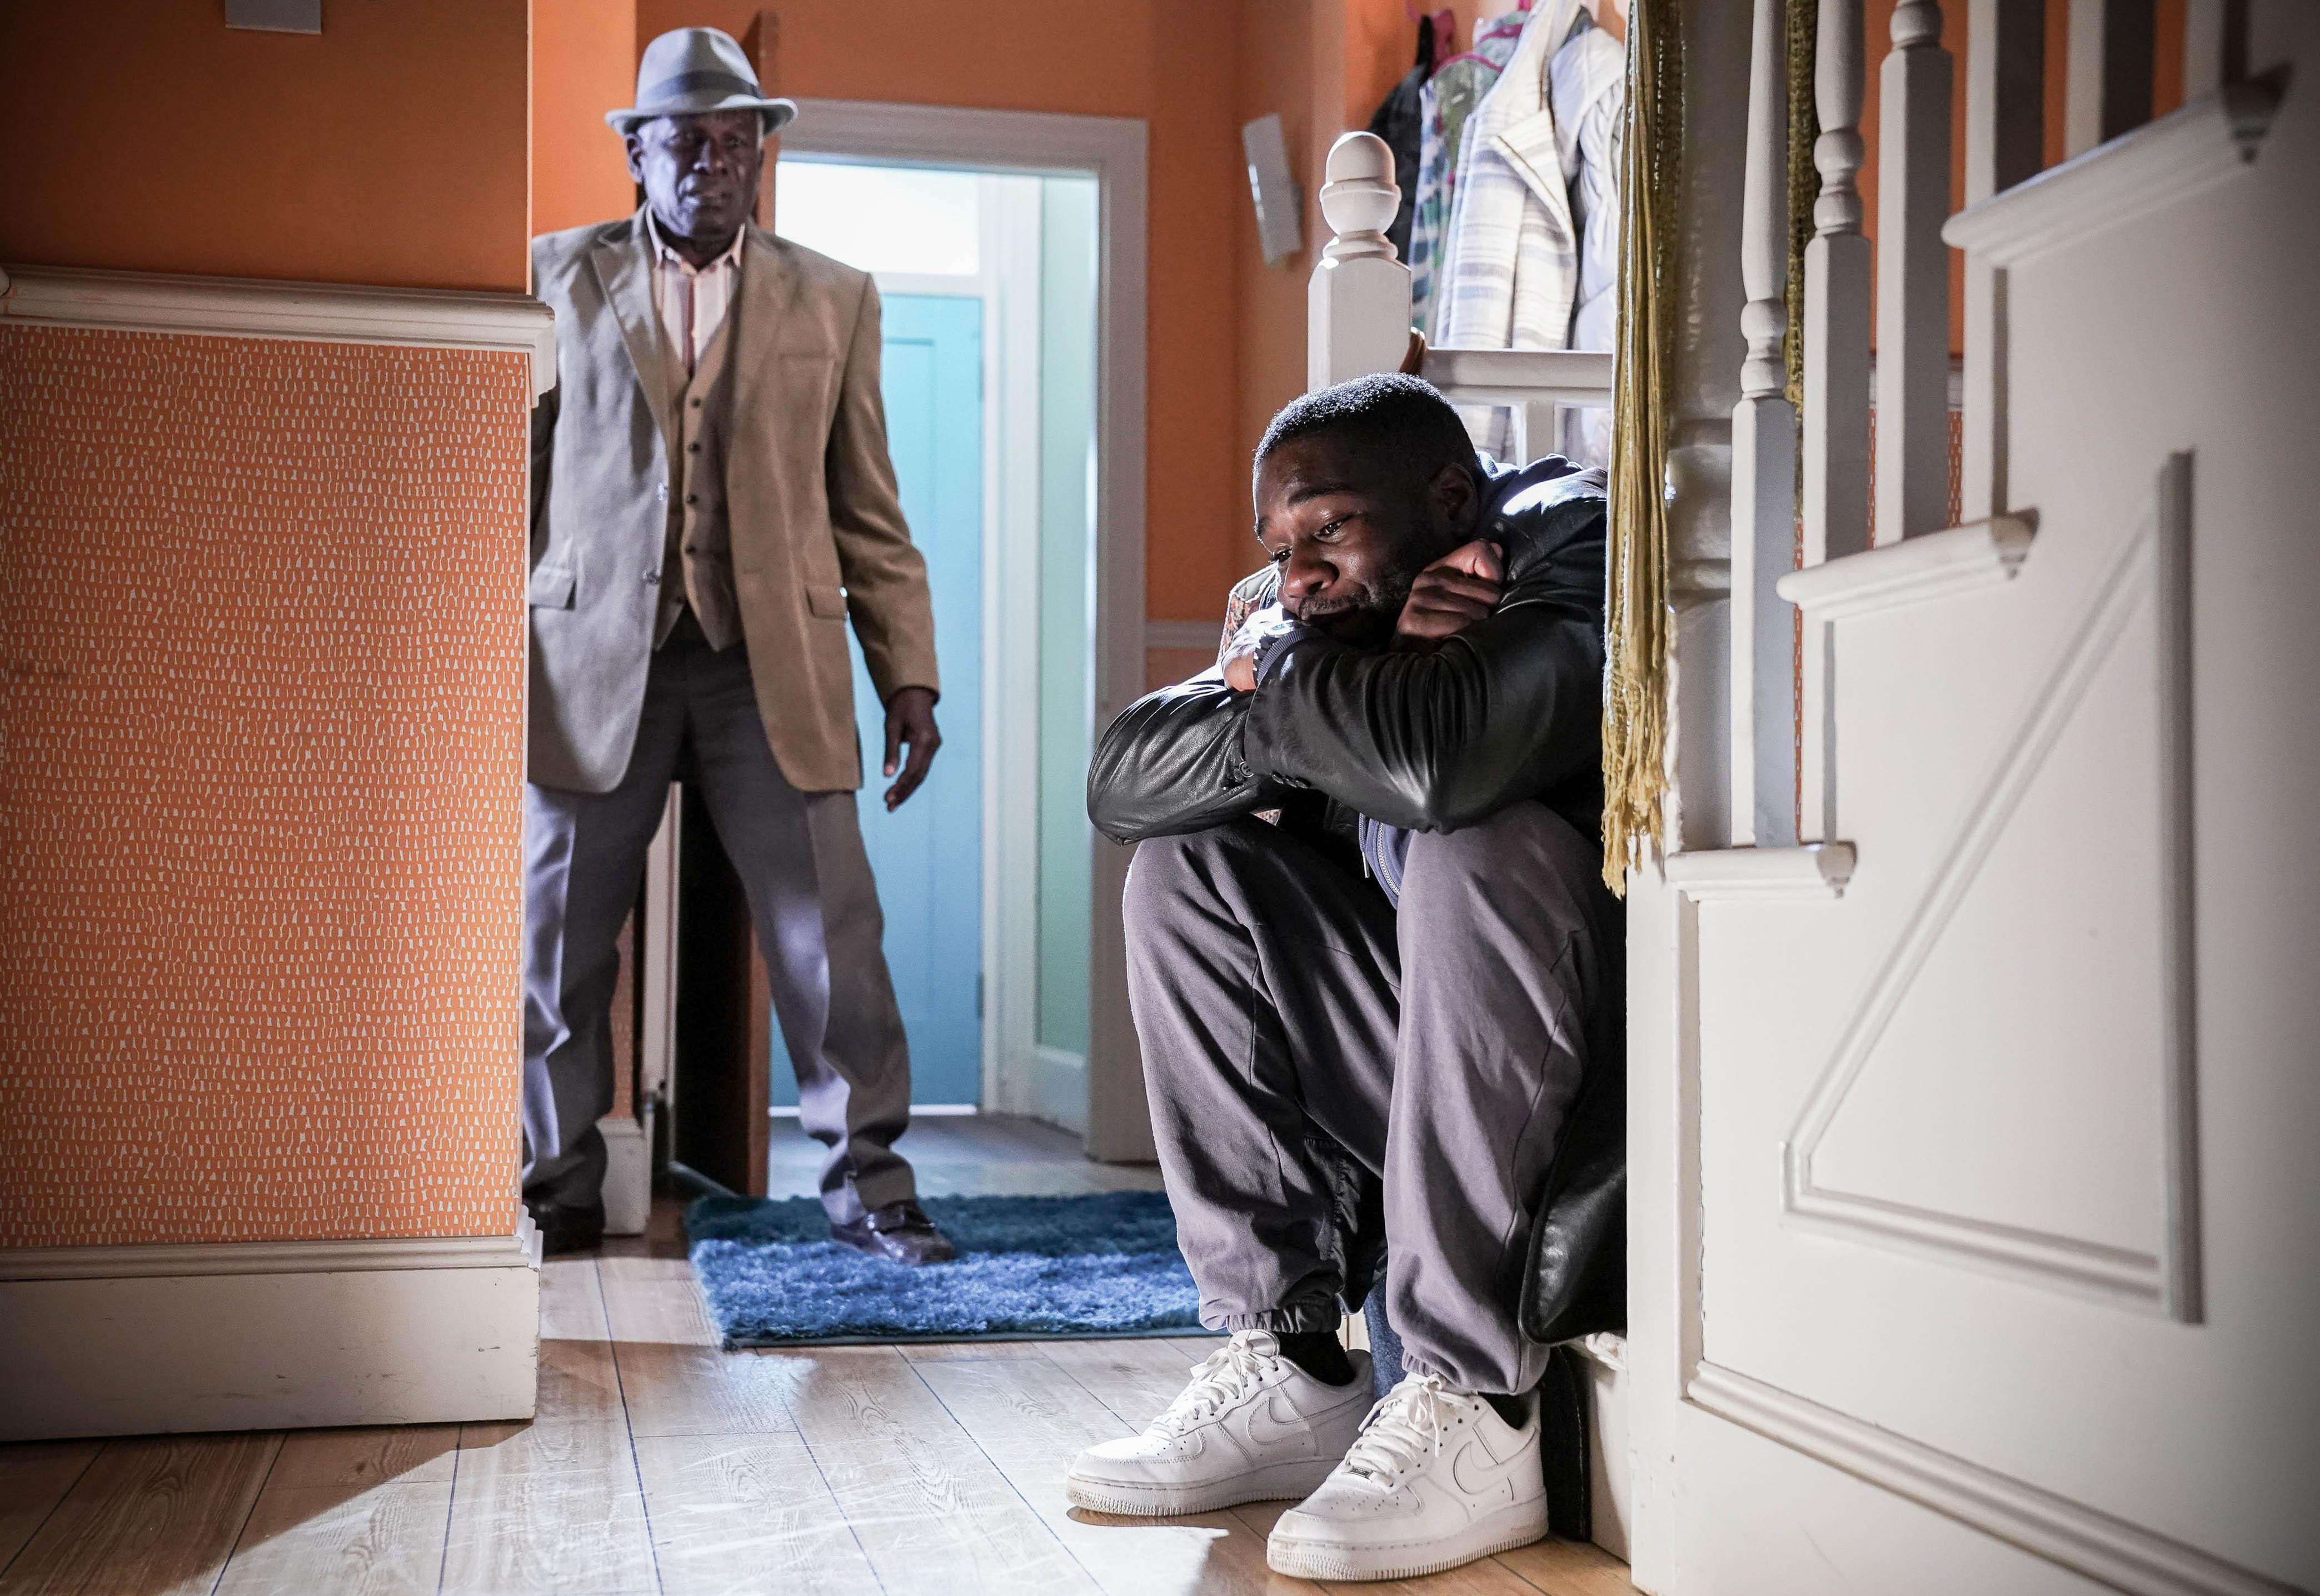 Patrick Trueman reassures Isaac Baptiste in EastEnders